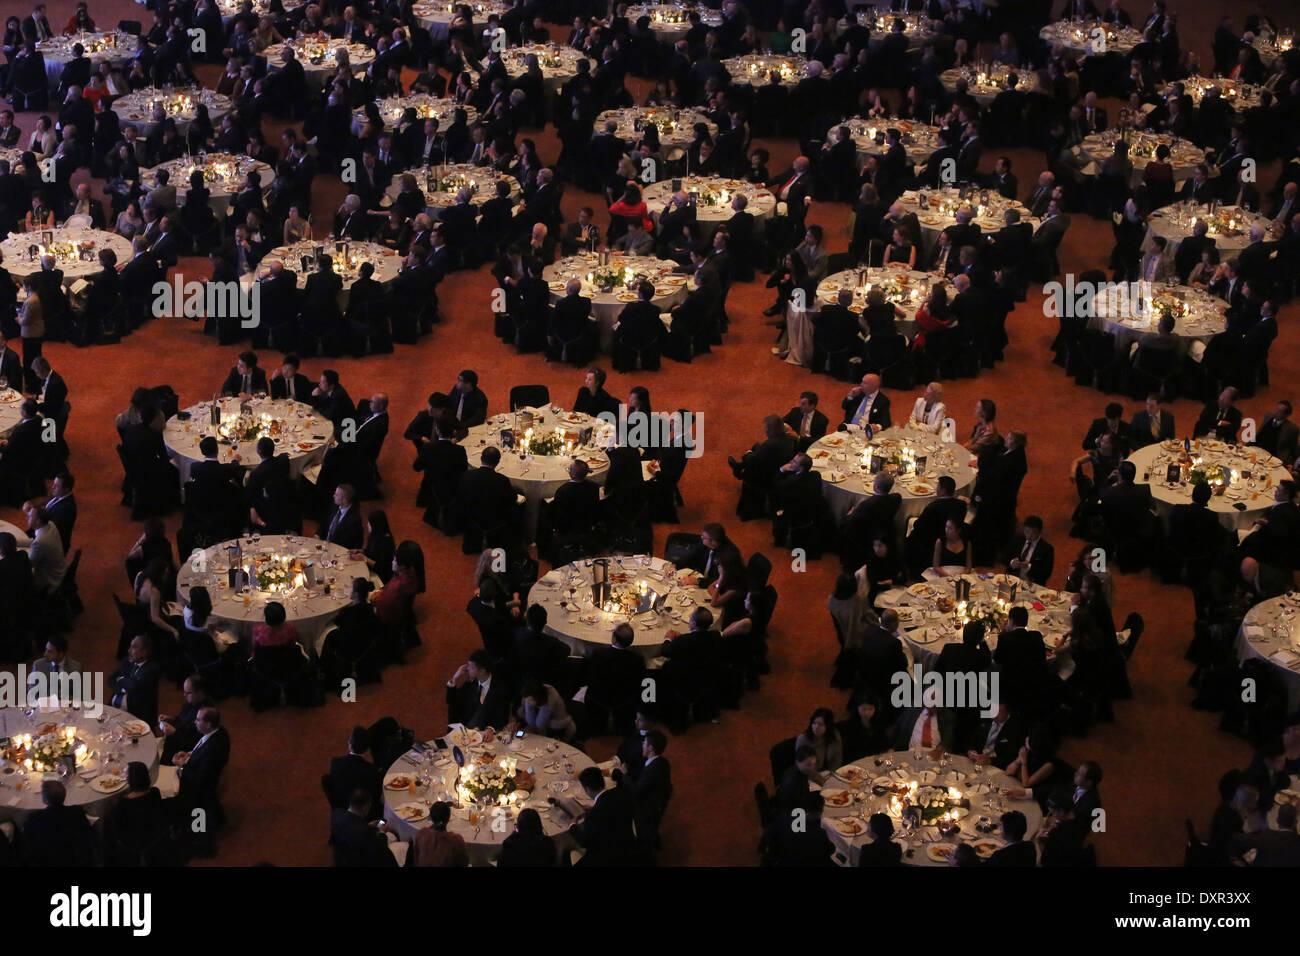 Hong Kong, China, People at a festive gala dinner Stock Photo